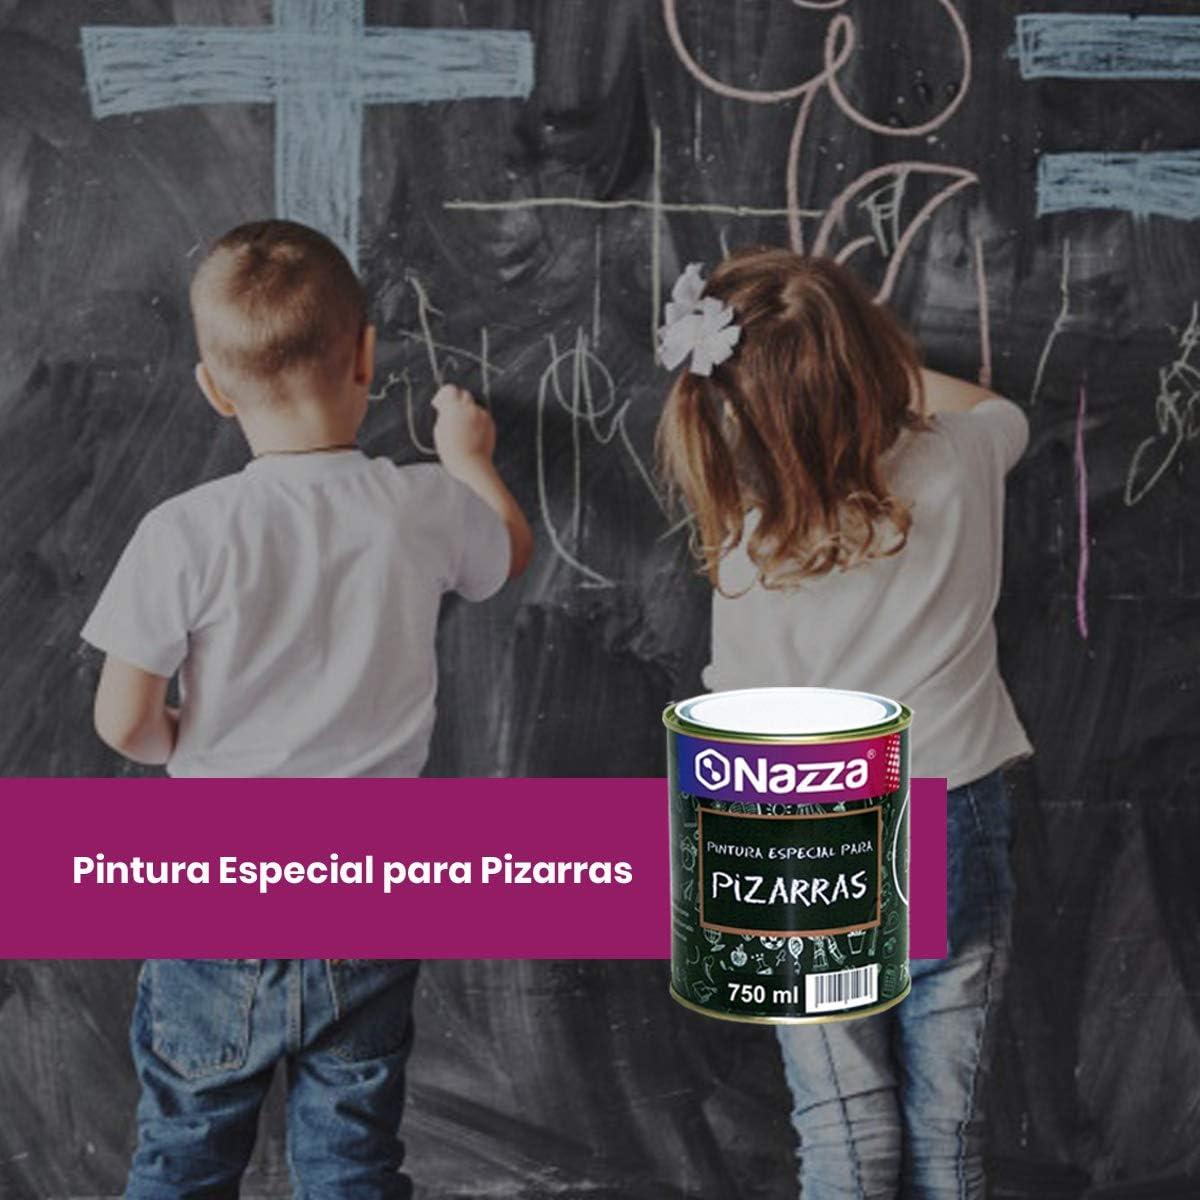 Pintura Pizarra para Paredes Nazza | Convierte tu pared en una pizarra | Fácil borrado y lavado | Color Verde | Envase de 750 ml.: Amazon.es: Bricolaje y herramientas